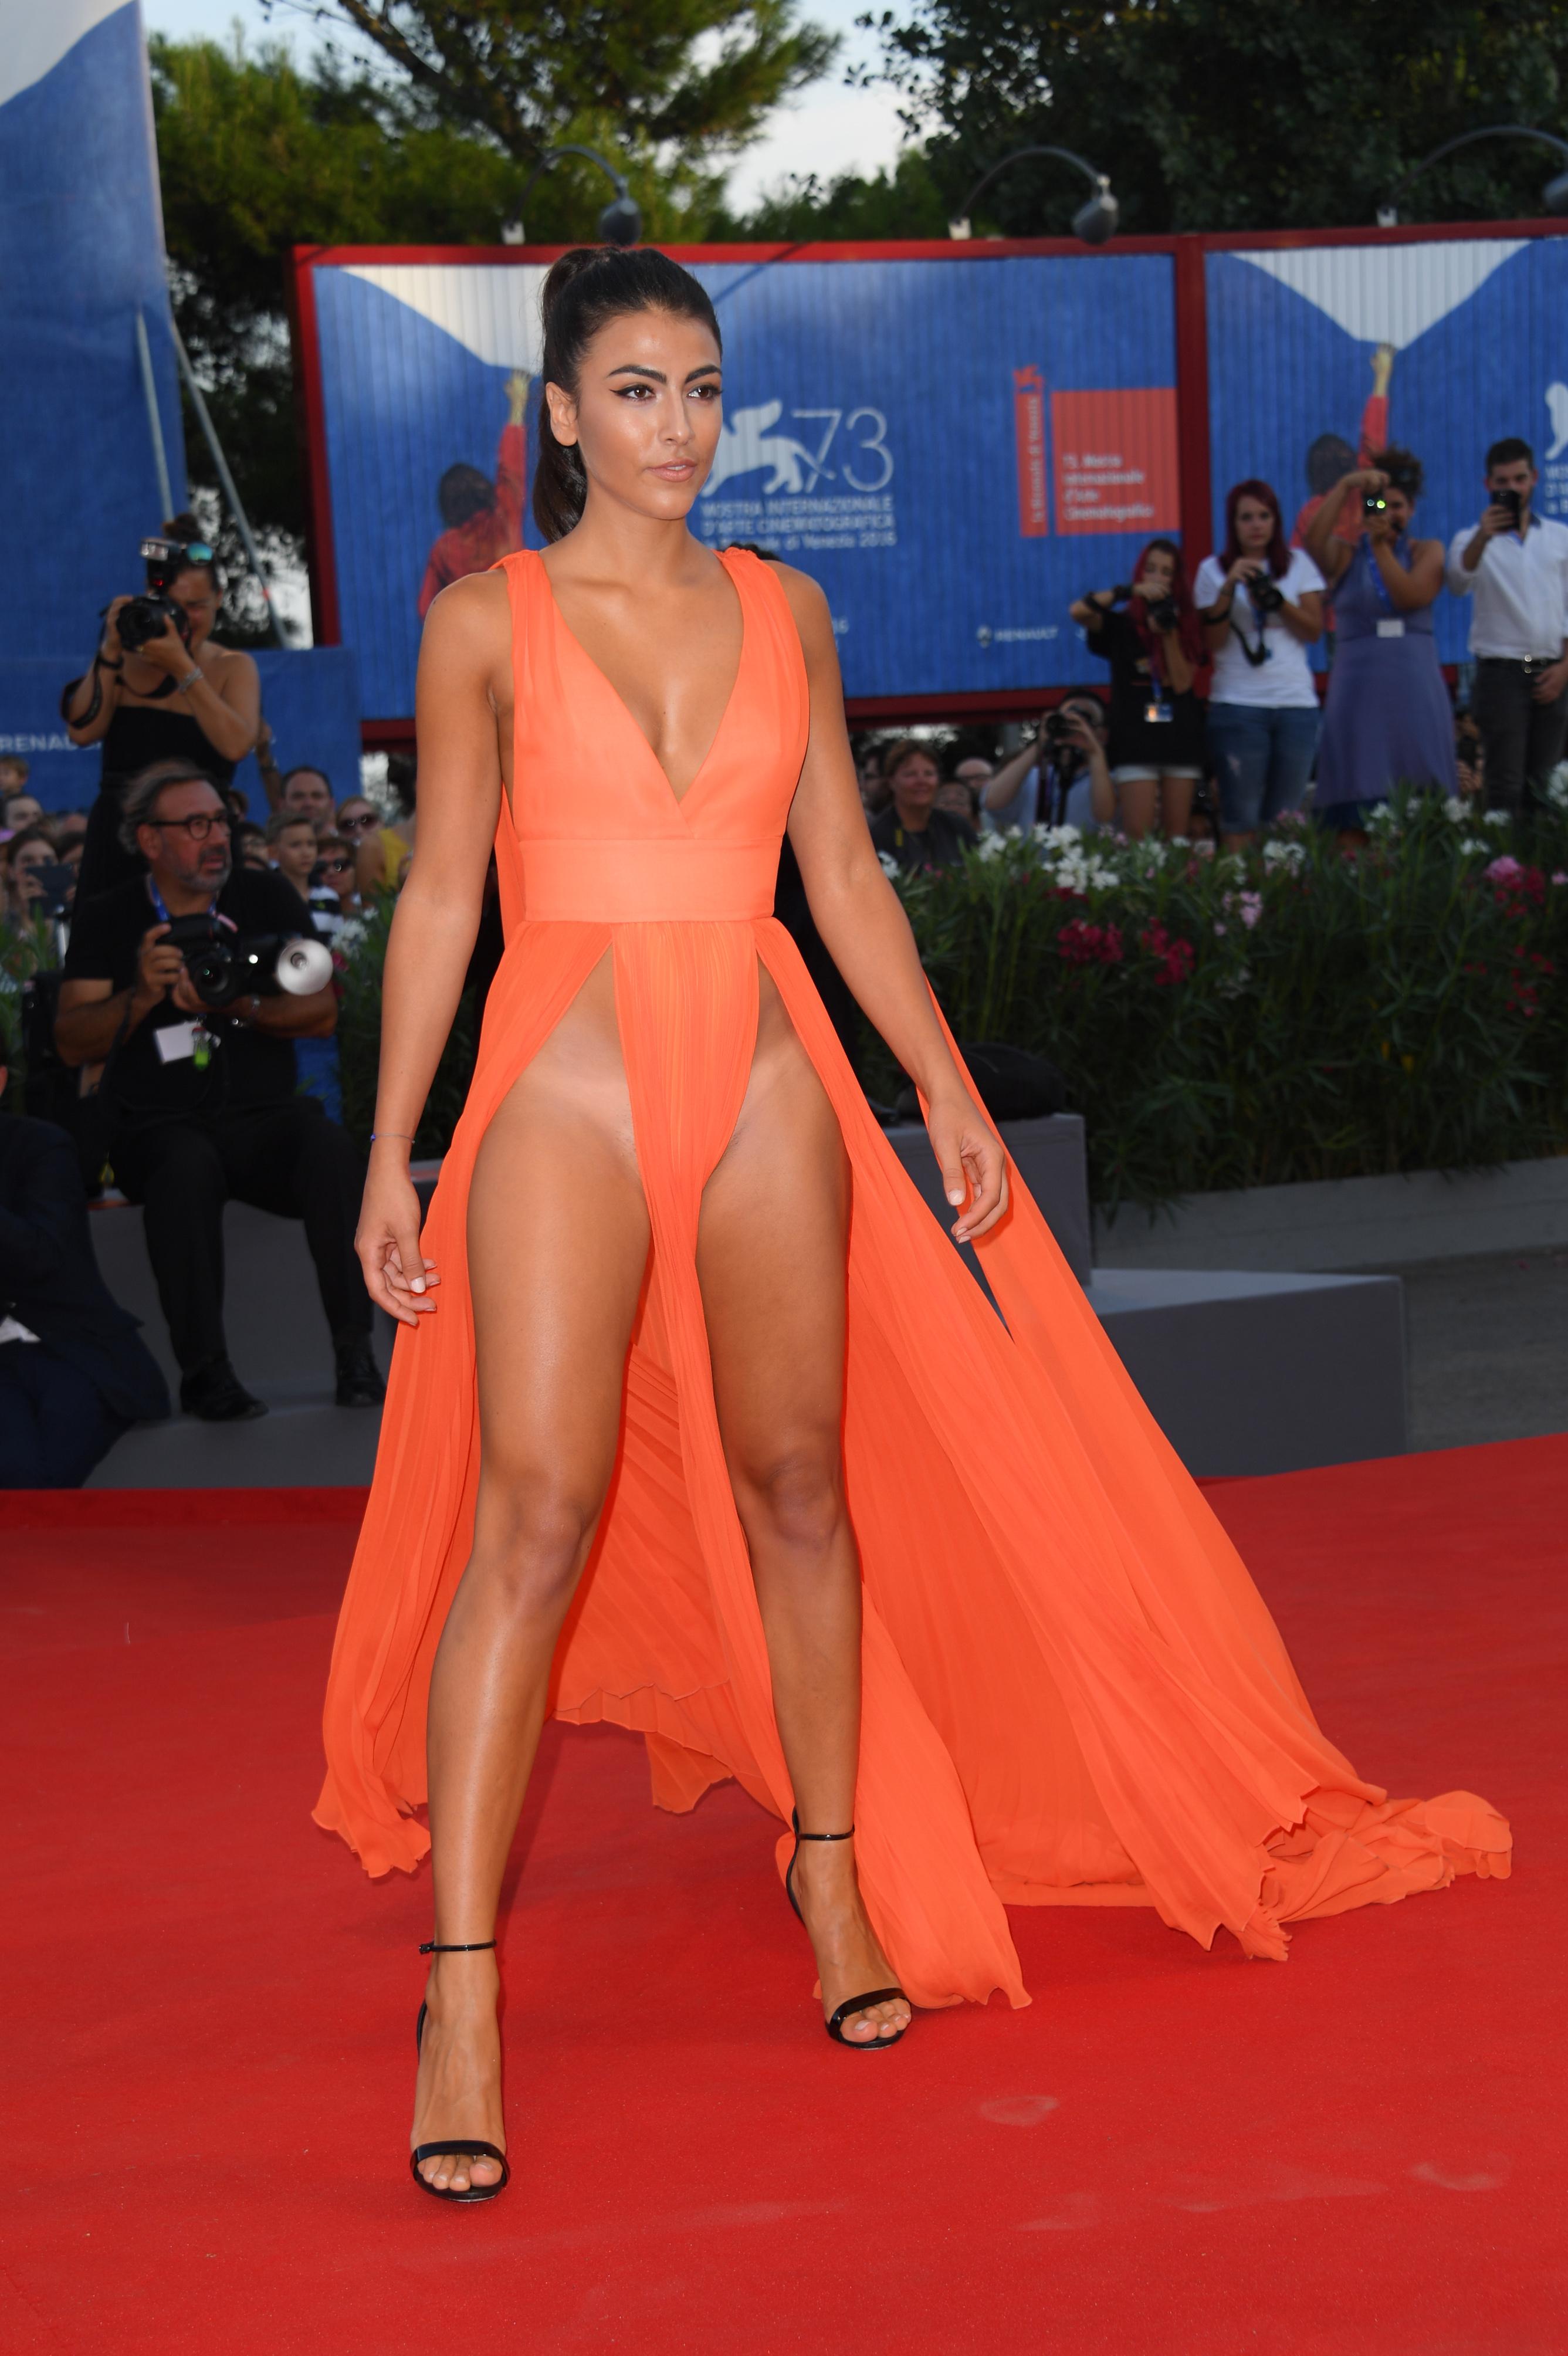 Джулиана Салеми появилась на красной дорожке в ярко-оранжевом наряде с глубоким декольте. Фото: GLOBAL LOOK PRESS